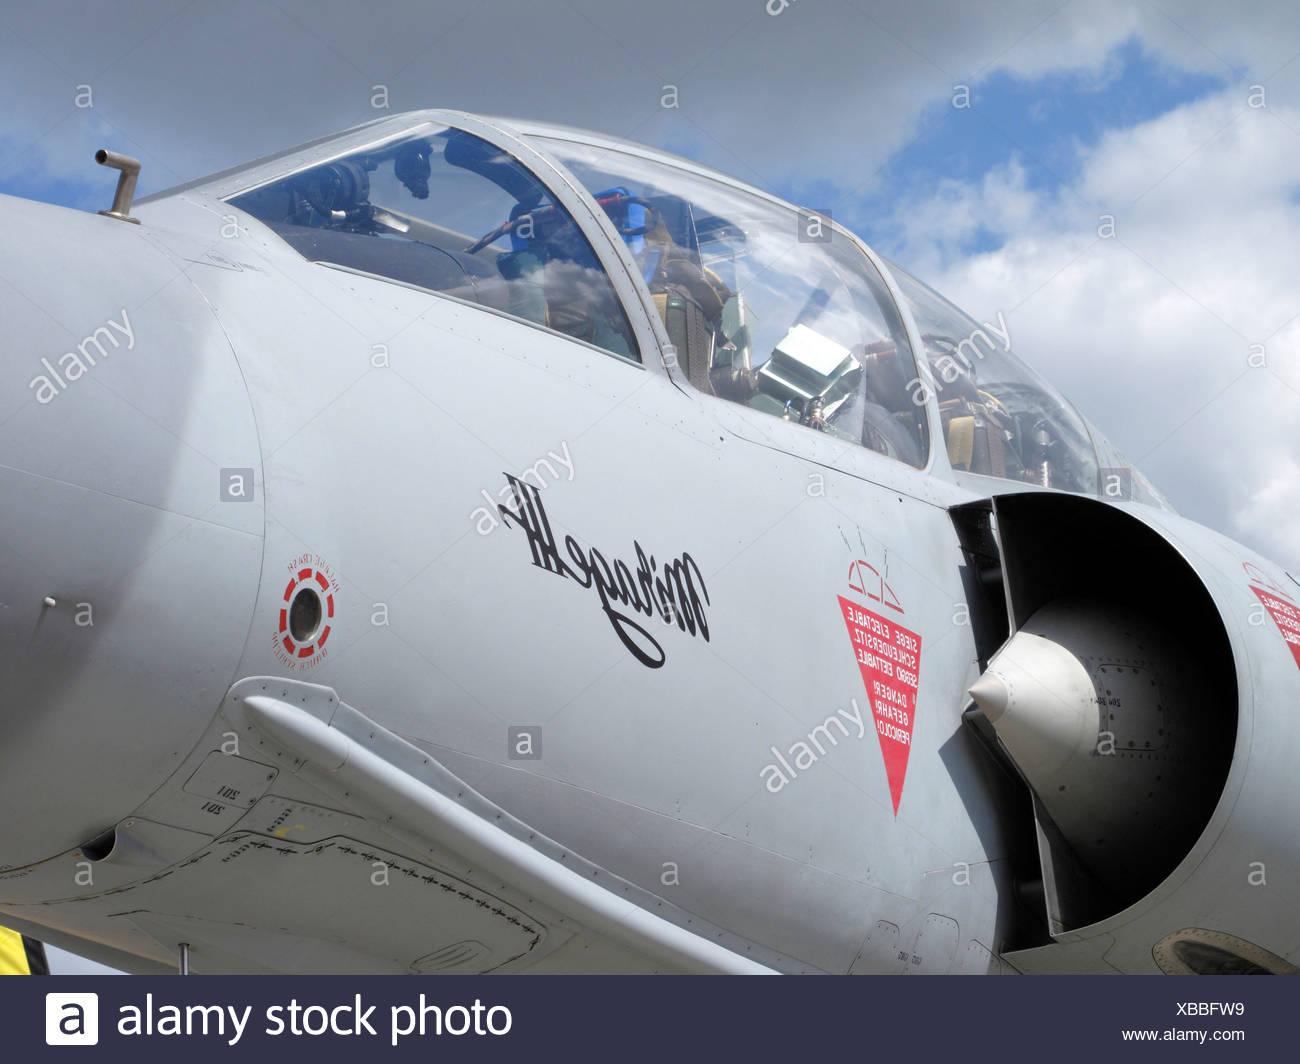 Mirage III cockpit - Stock Image